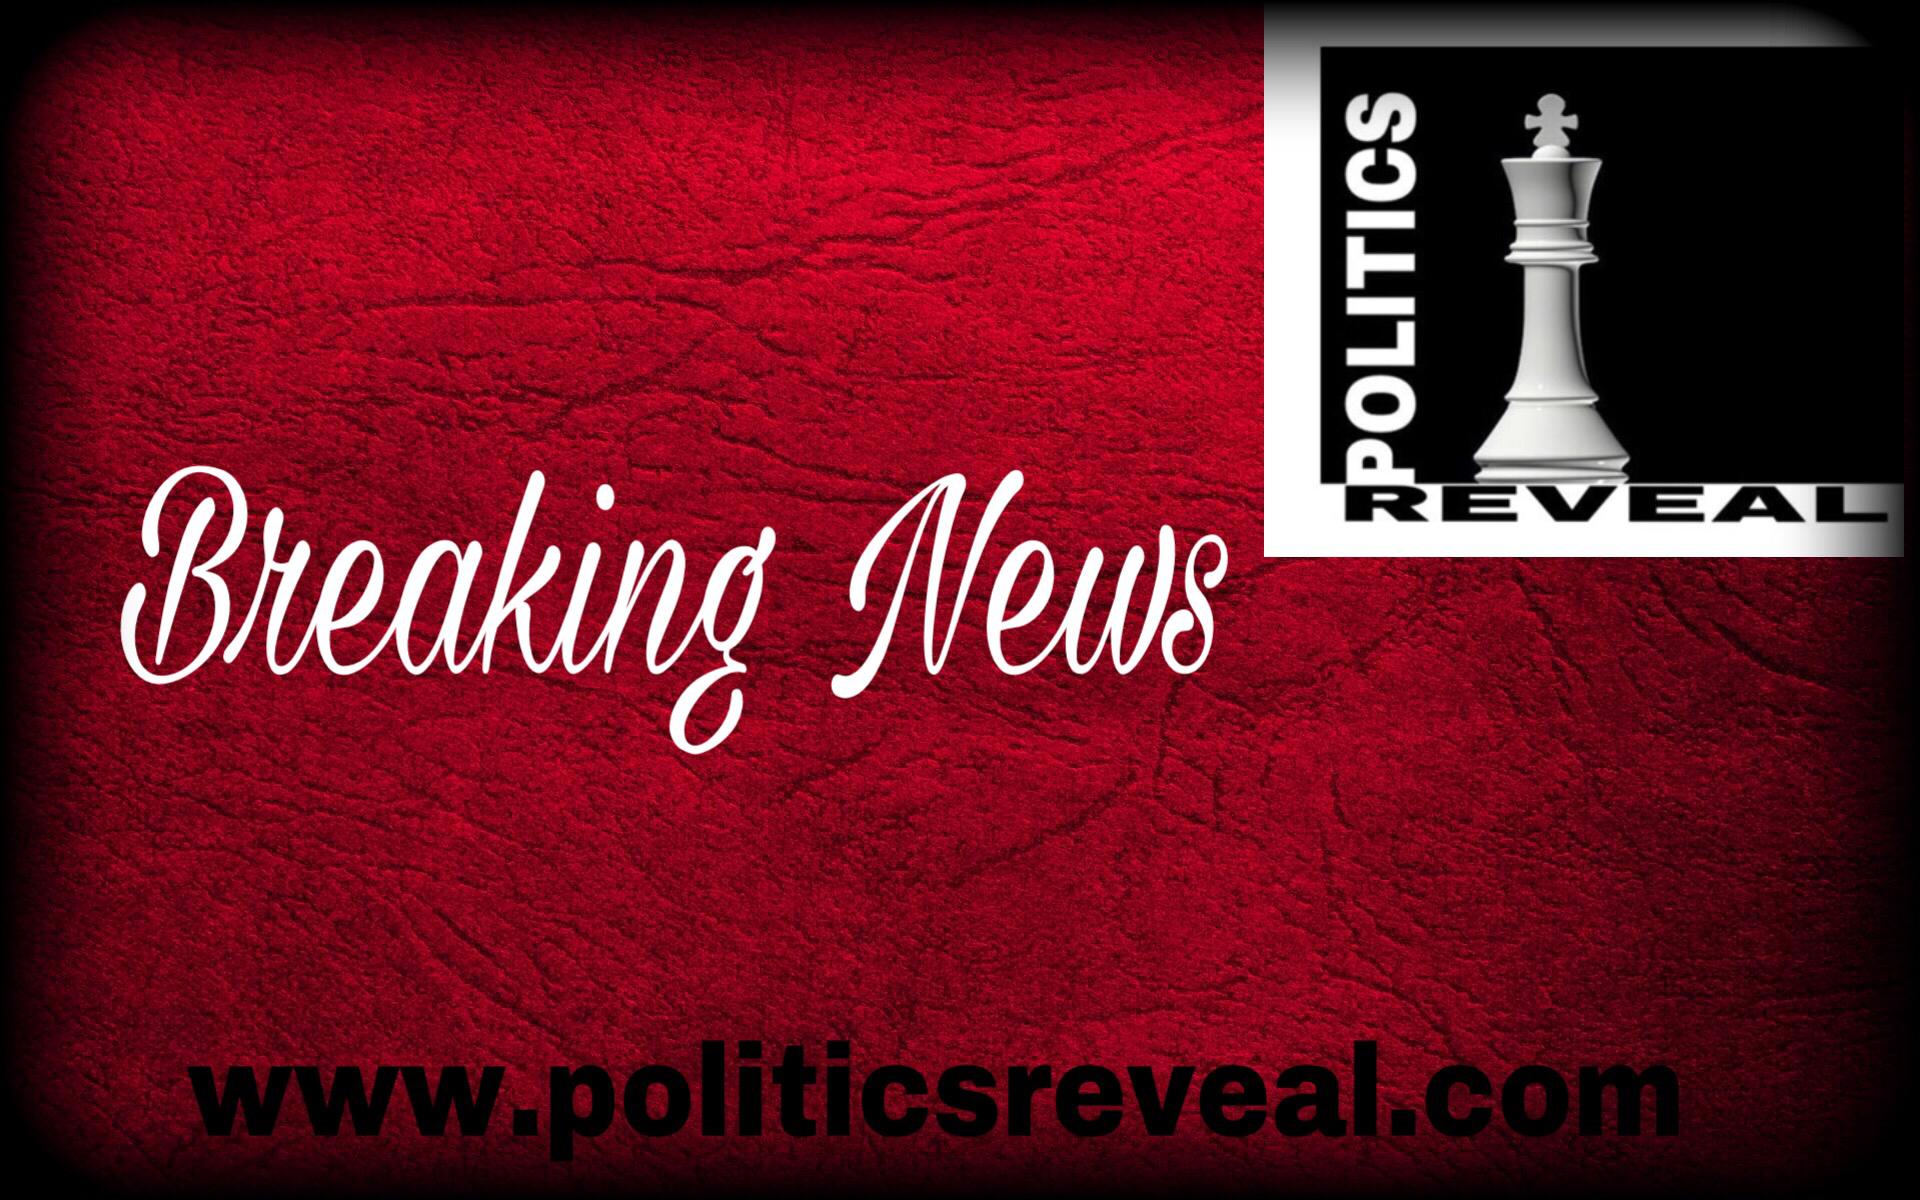 Μαζικές Αναφορές στο Twitter για εκρήξεις στην Μασσαλία (Γαλλία)